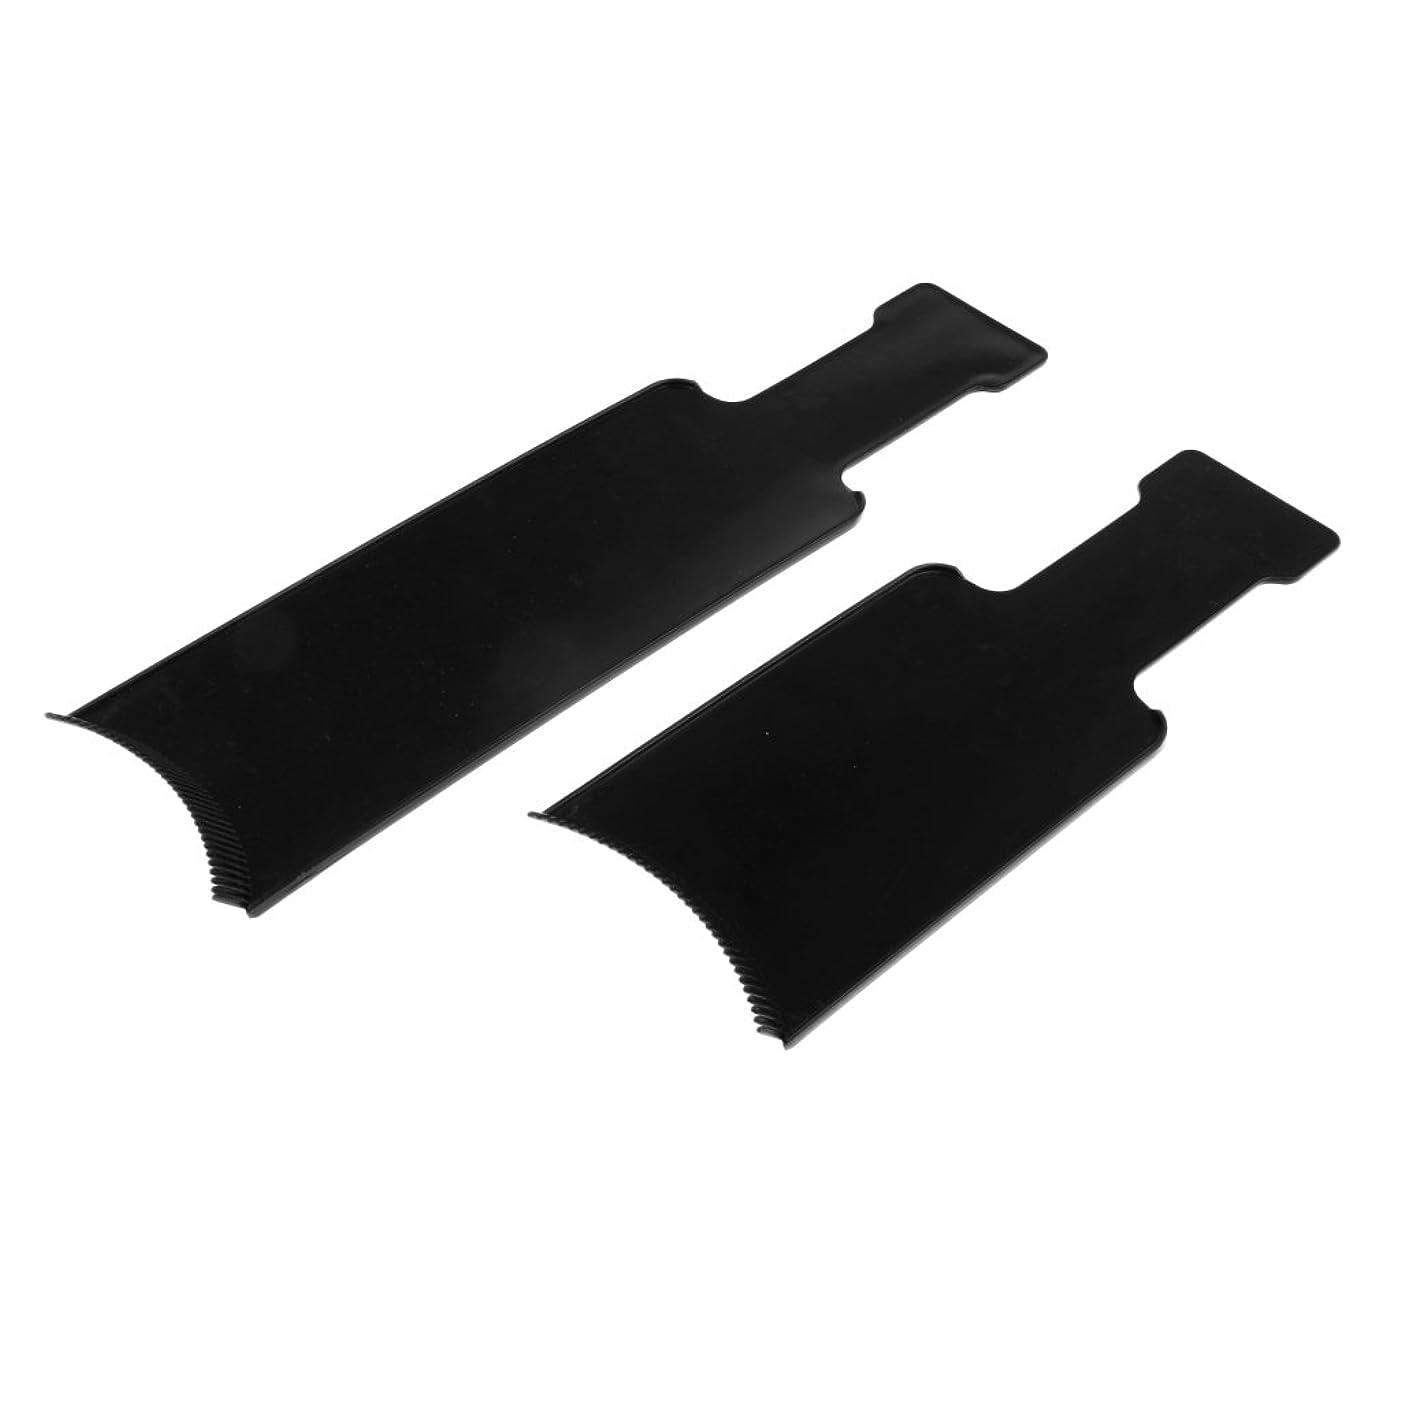 知人インタフェース割り当てるDYNWAVE ヘアカラーボード 染色櫛 染色プレート ヘアカラー プラスチック製 美容ツール 黒 2個入